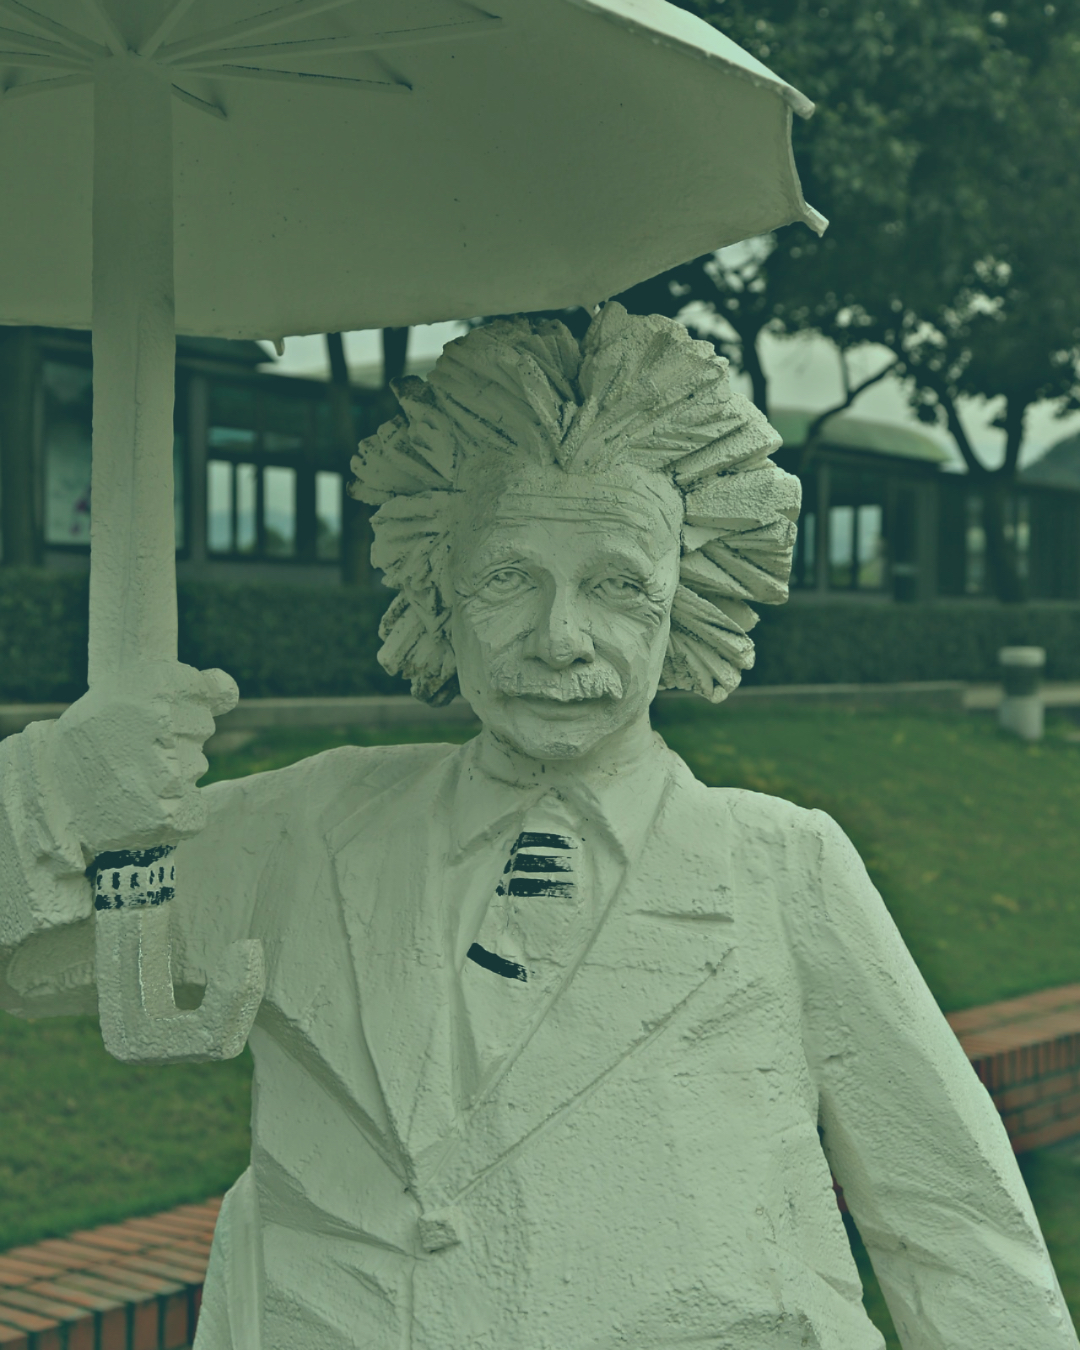 Statue of Einstein